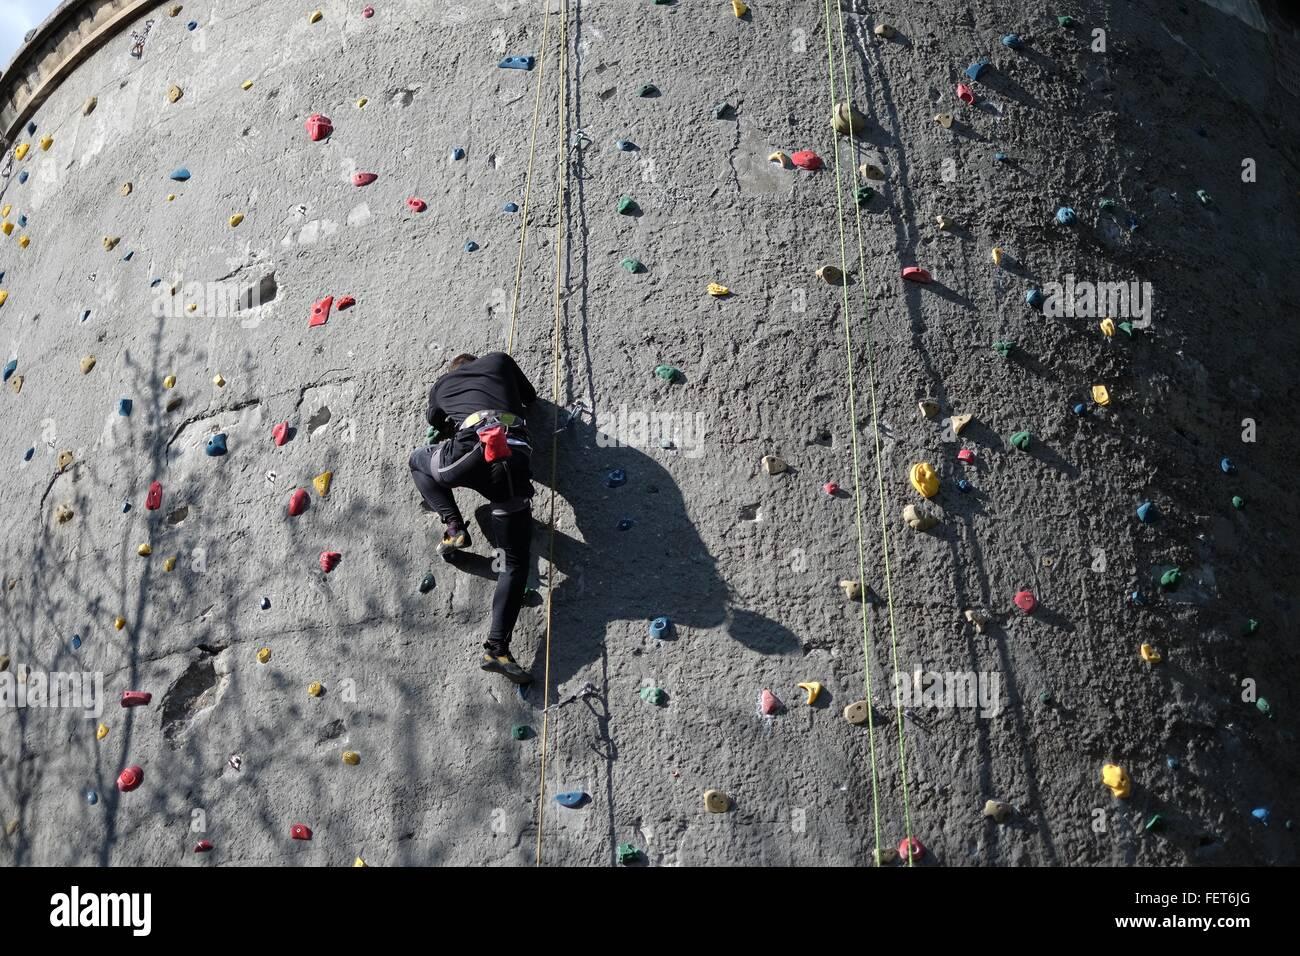 Basso Angolo di visione dell uomo sulla parete di arrampicata Immagini Stock